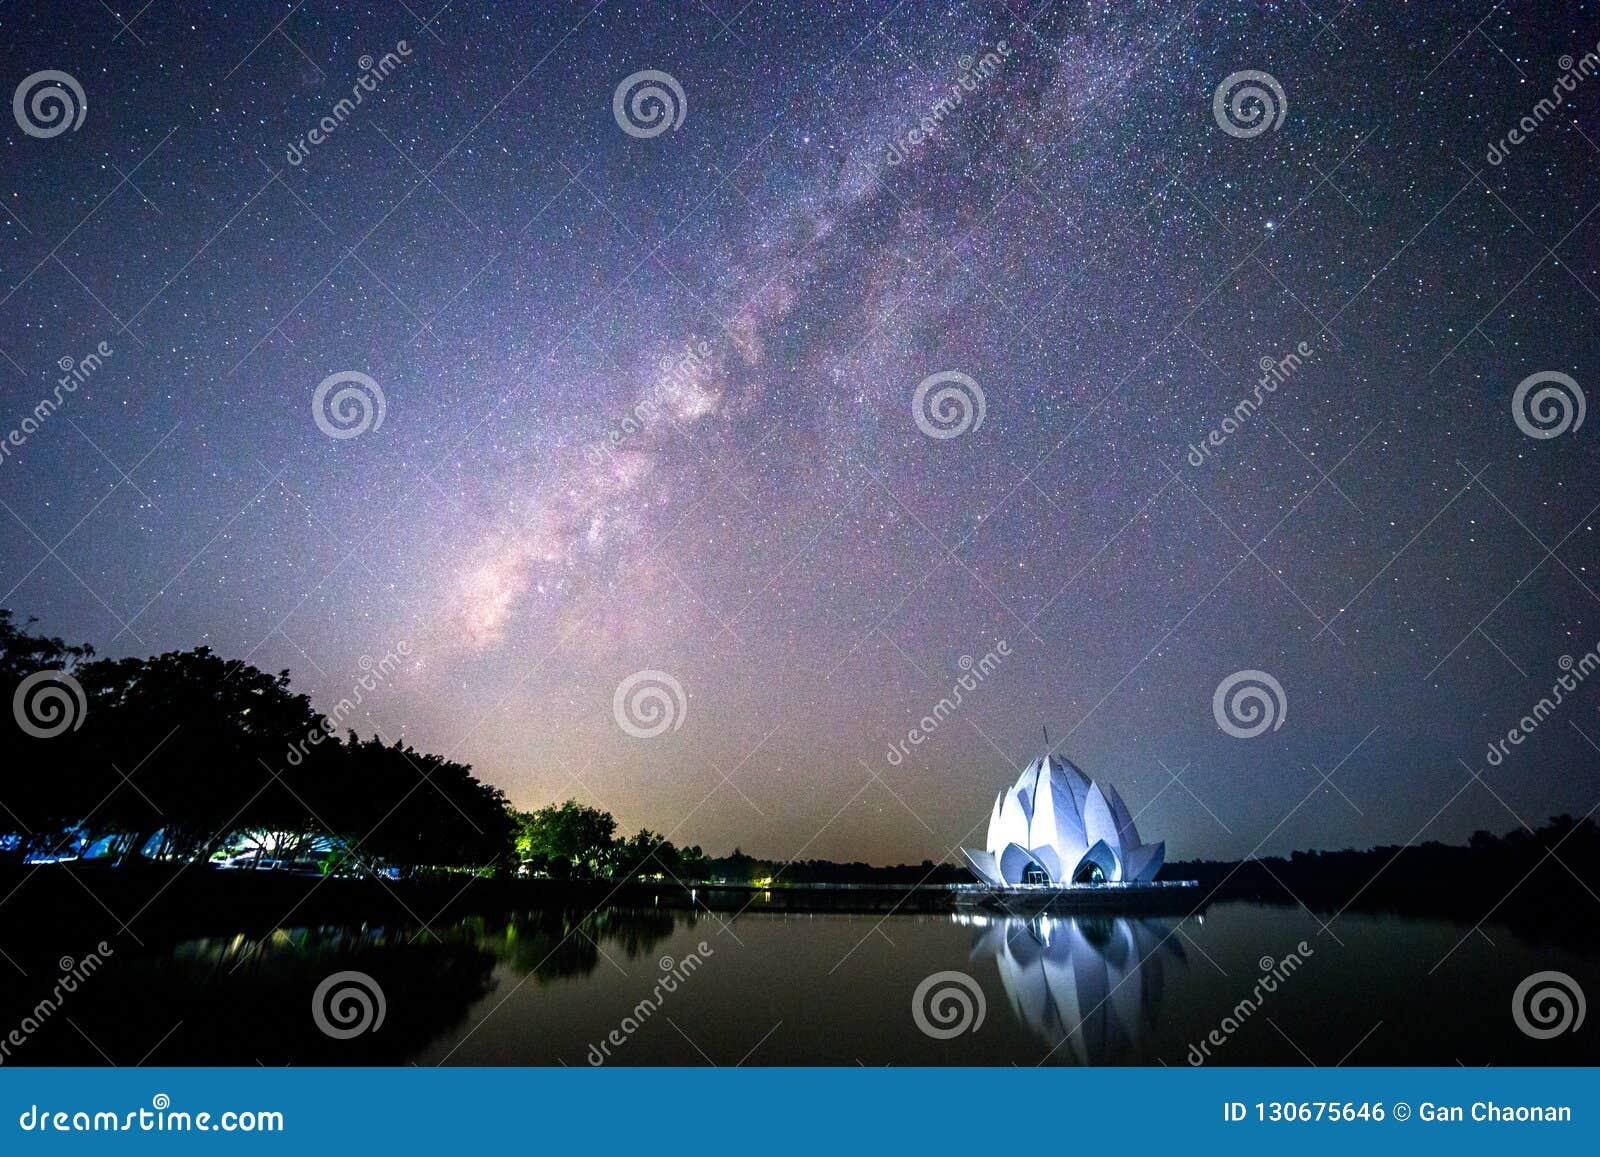 Галактика и здание сформированы как белый лотос в середине реки